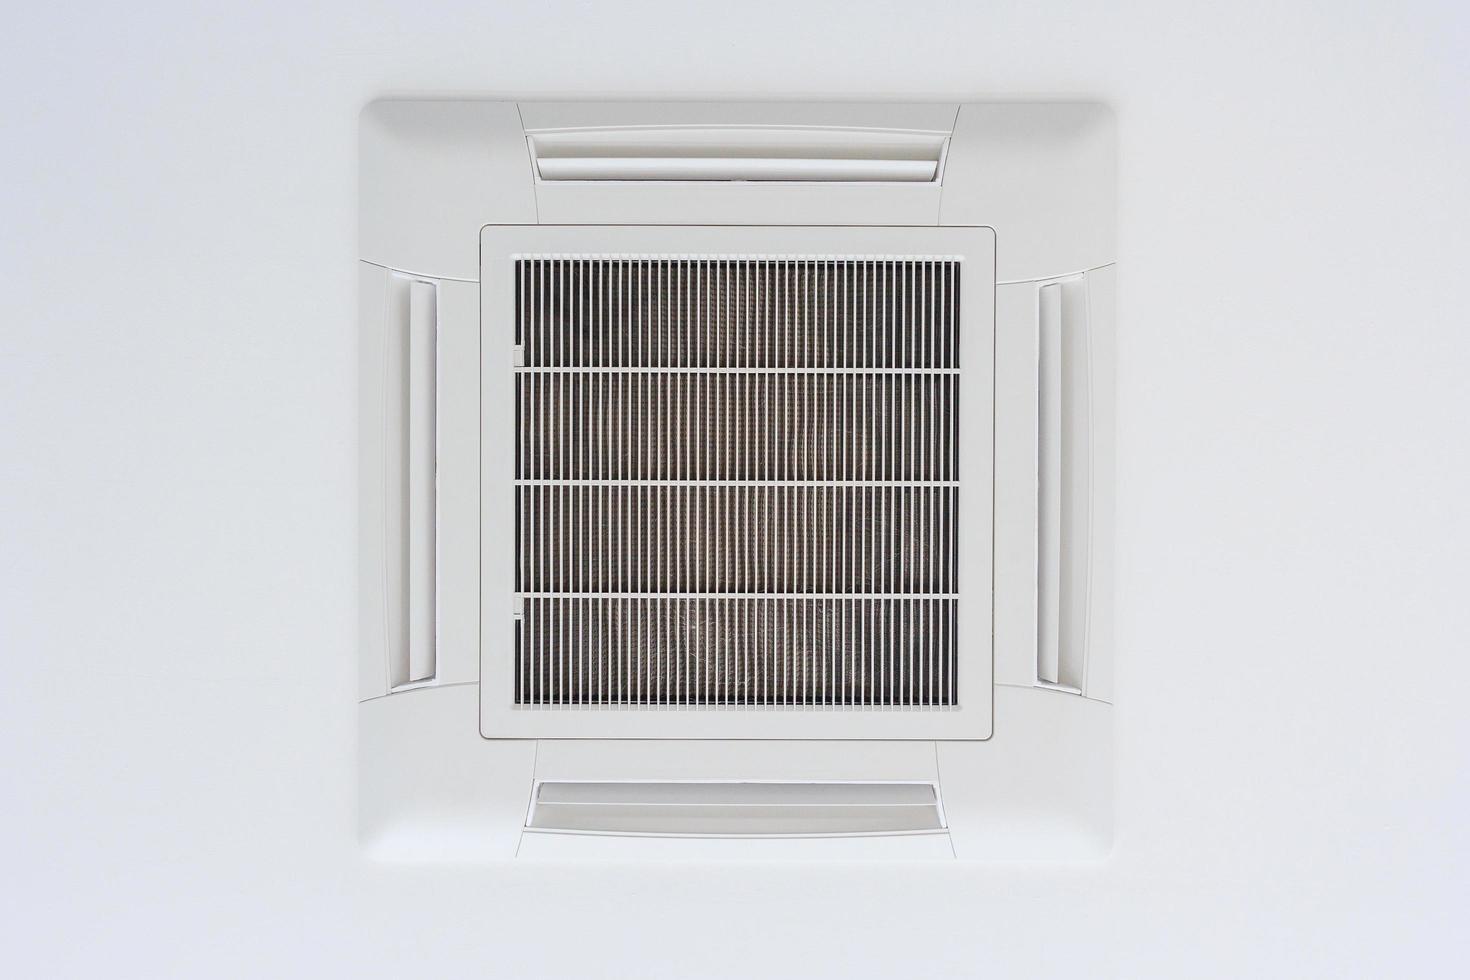 aan het plafond gemonteerde airconditioner van het cassettetype foto